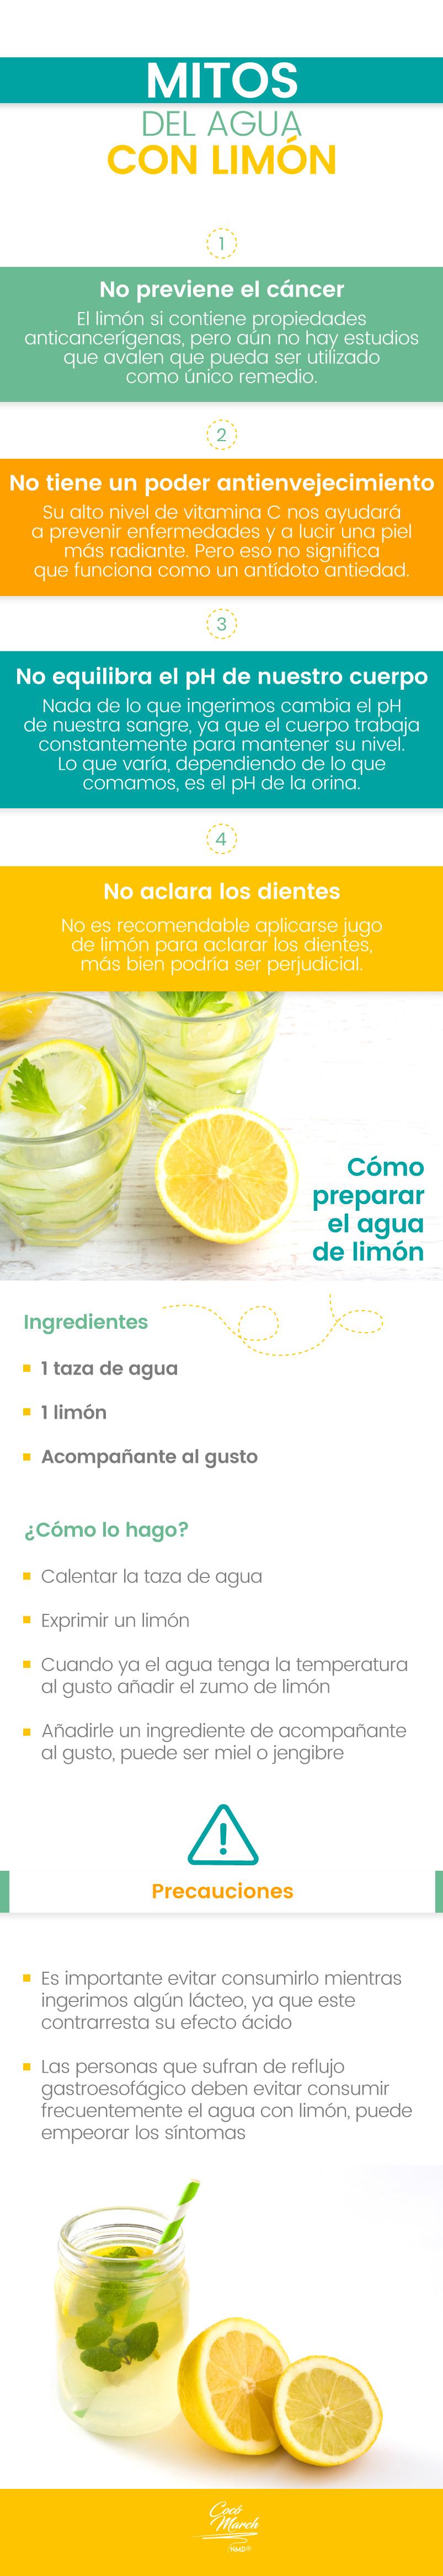 agua-con-limon-mitos